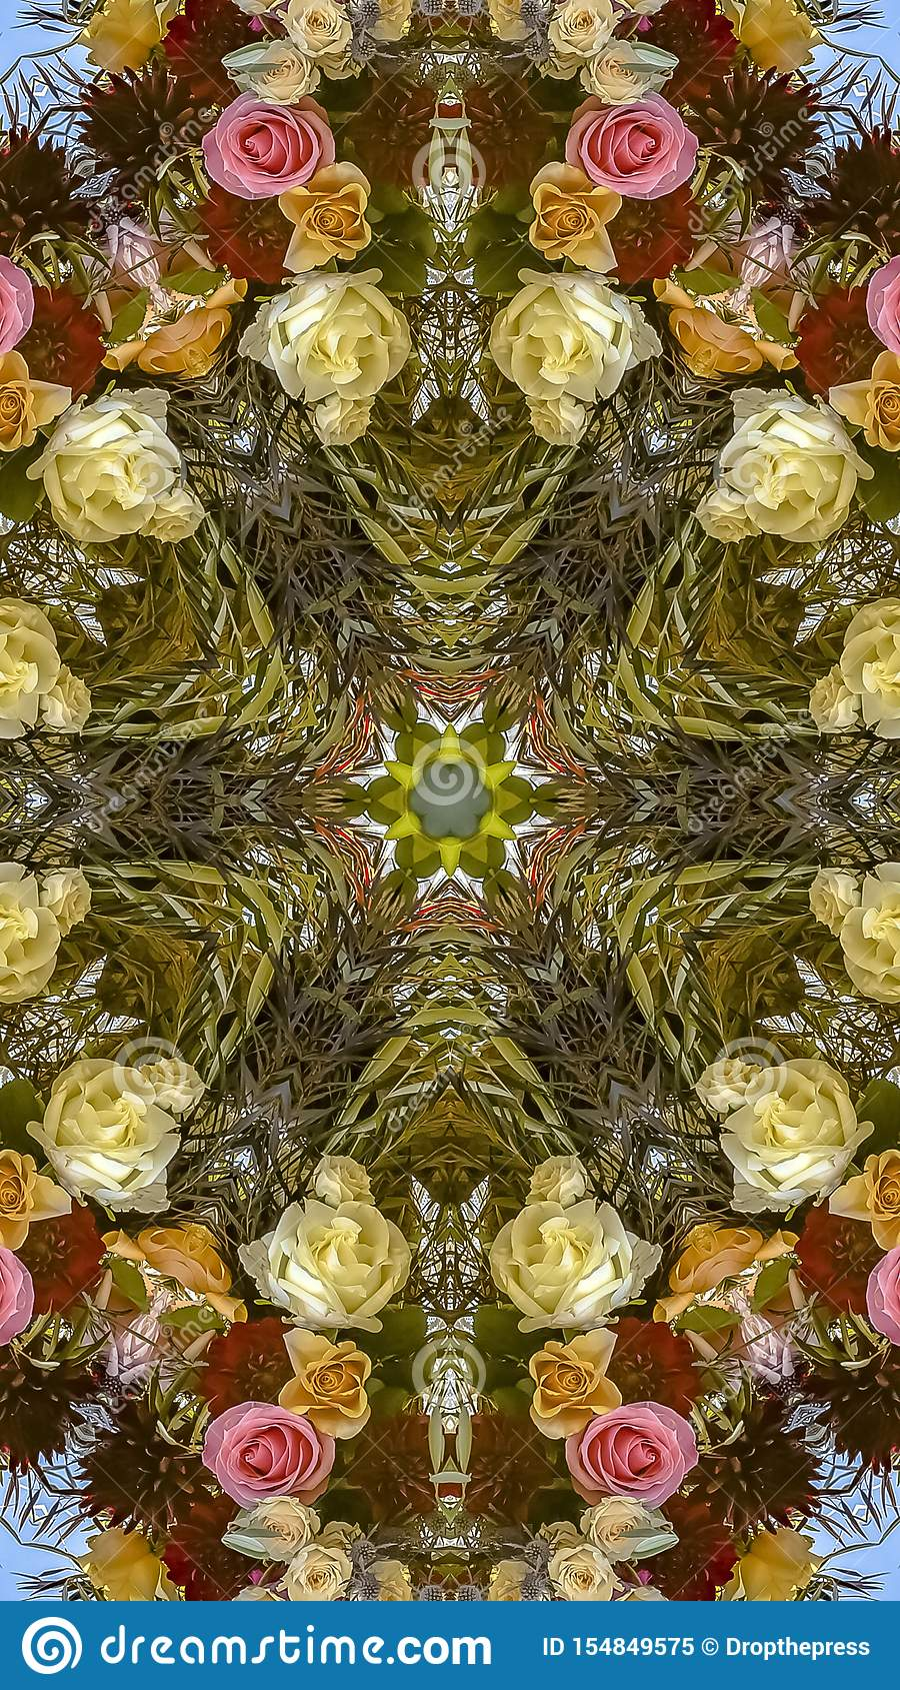 垂直的在婚礼的框架五颜六色的花卉设计被创造入一个装饰背景设计